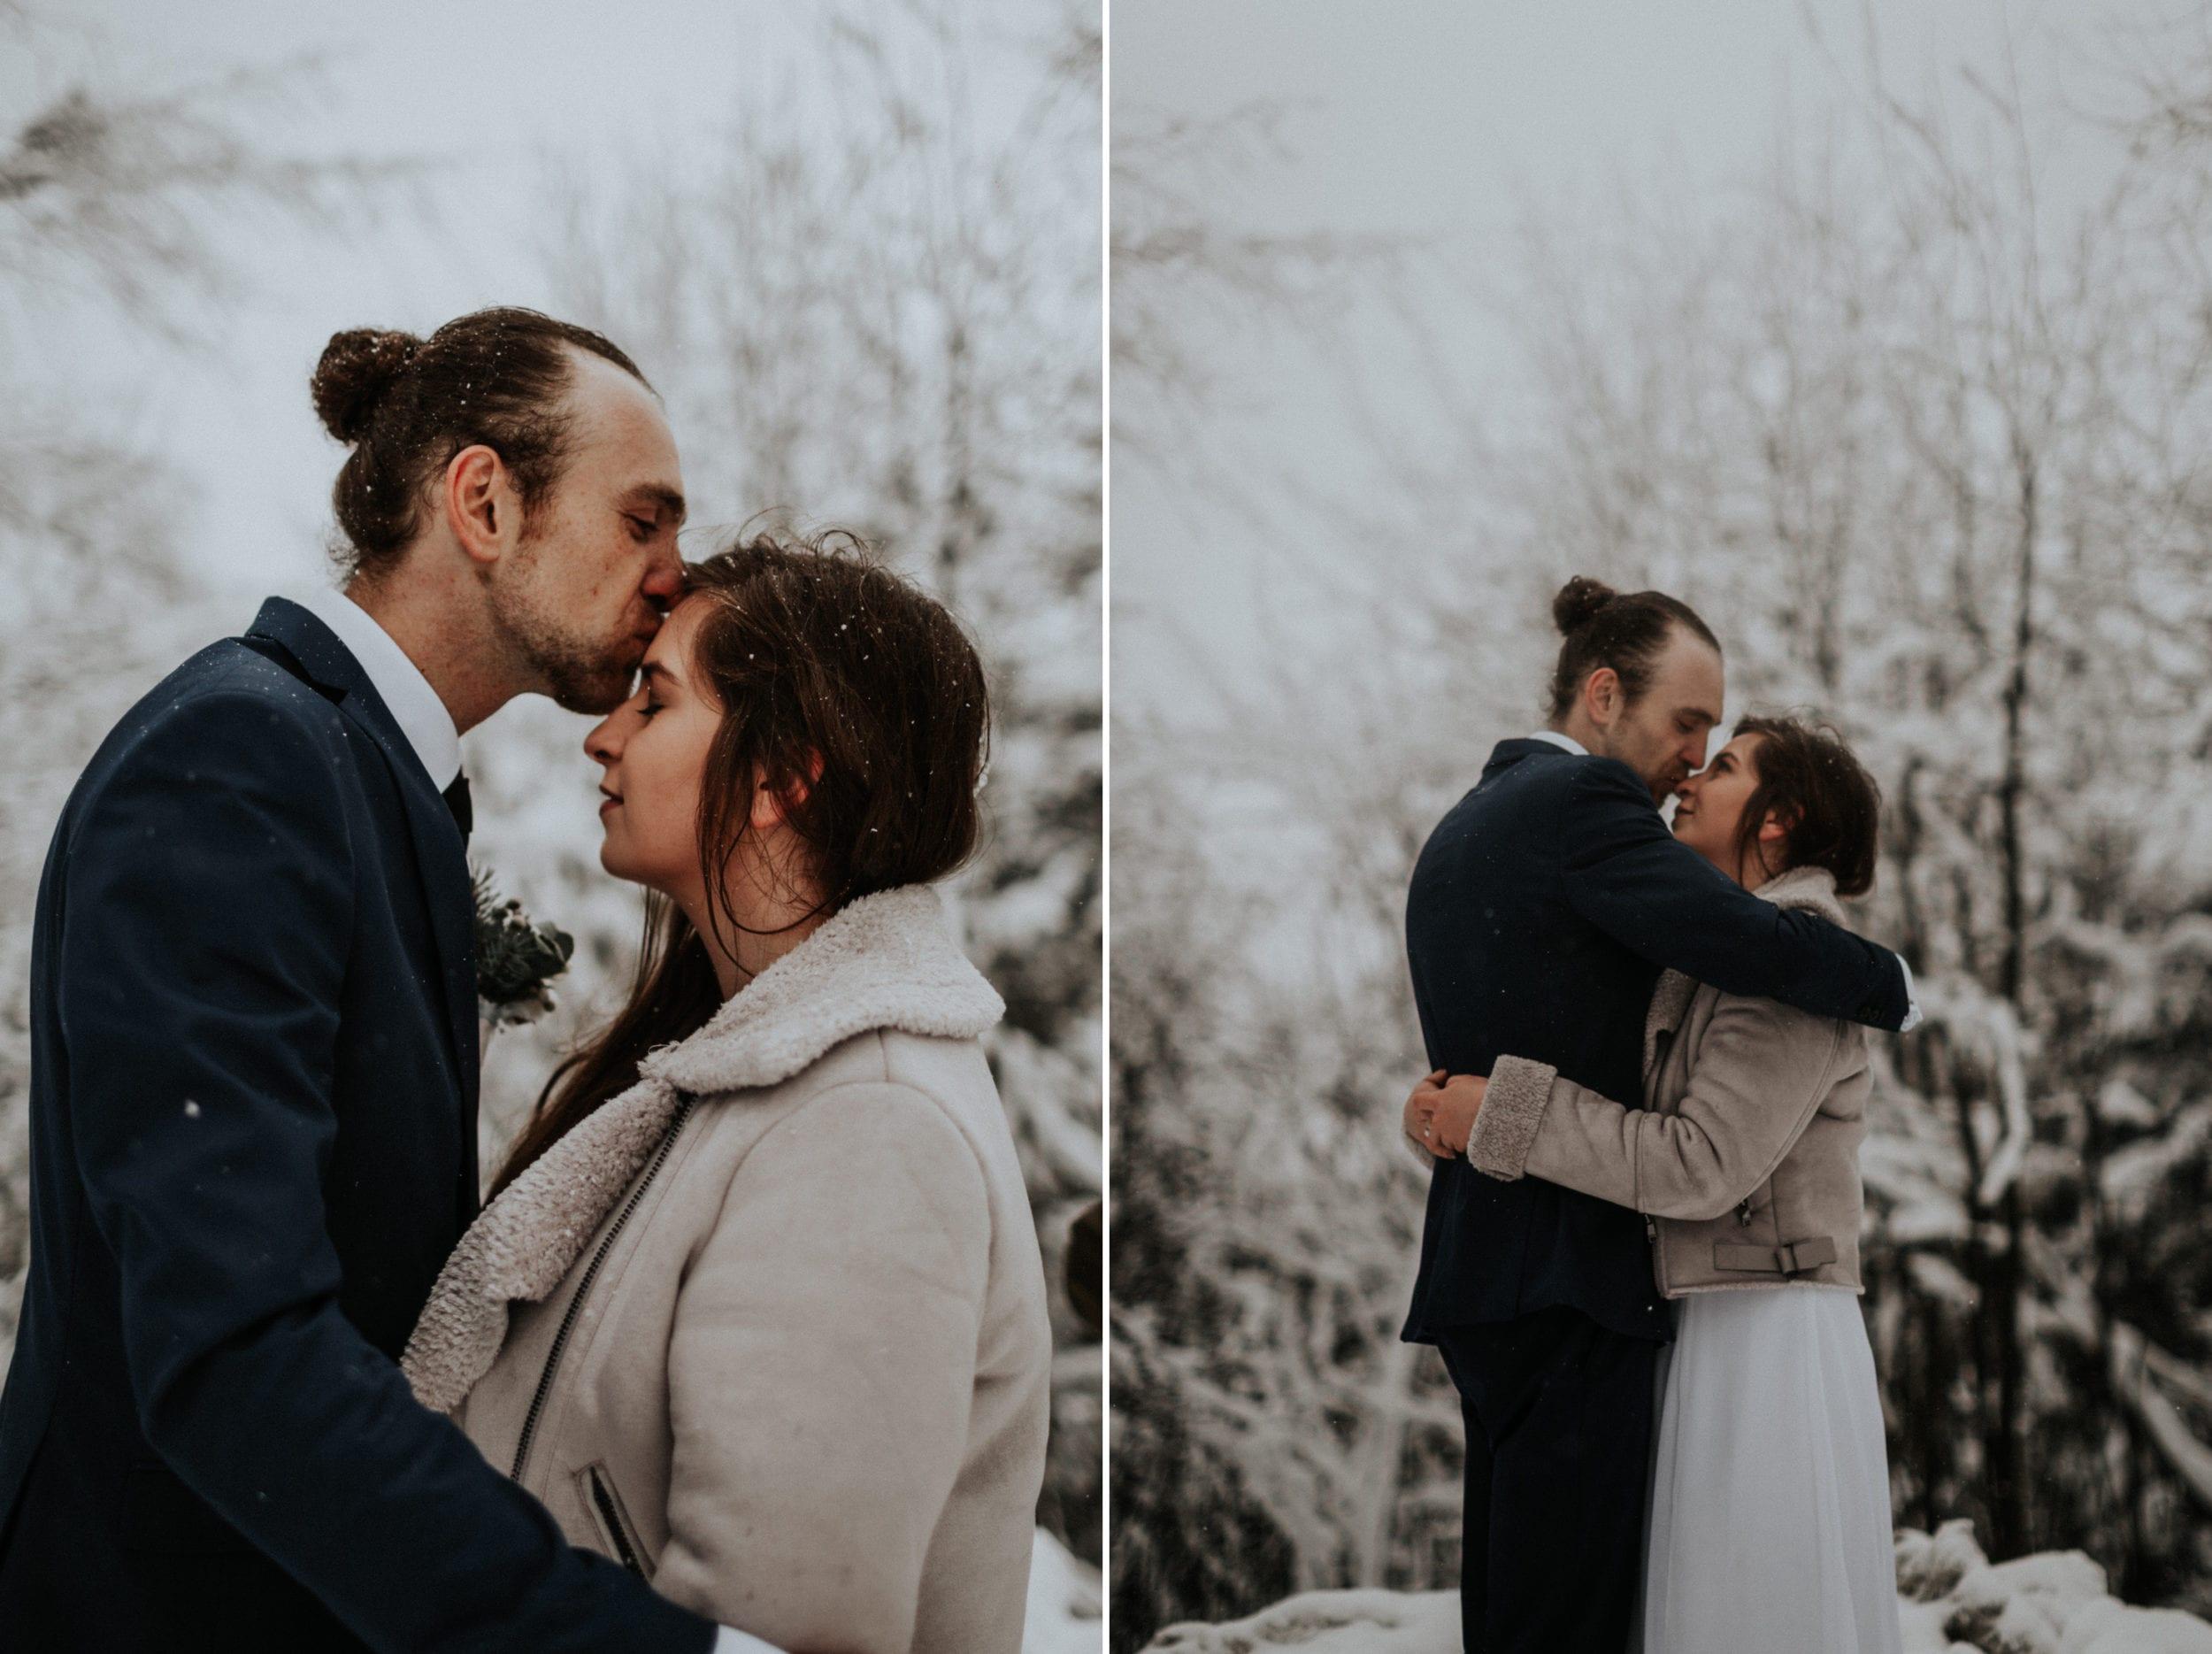 Kasia & Mariusz <br>Zimowa sesja w górach 14